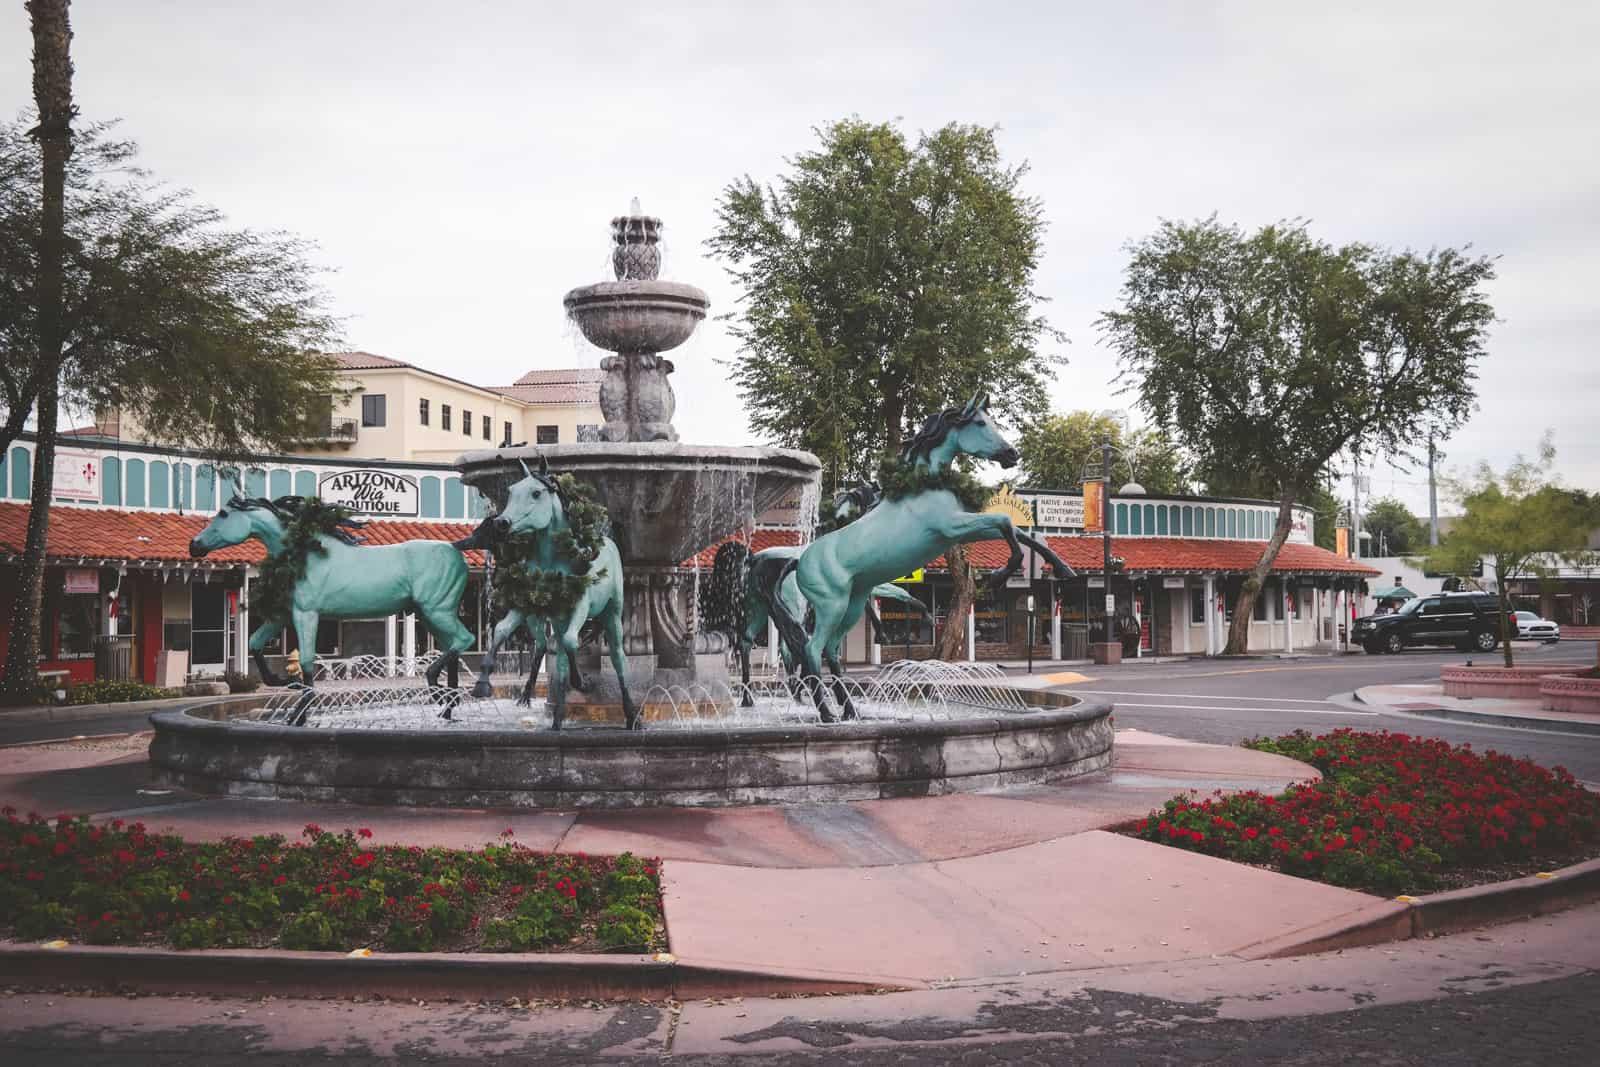 Downtown Scottsdale AZ